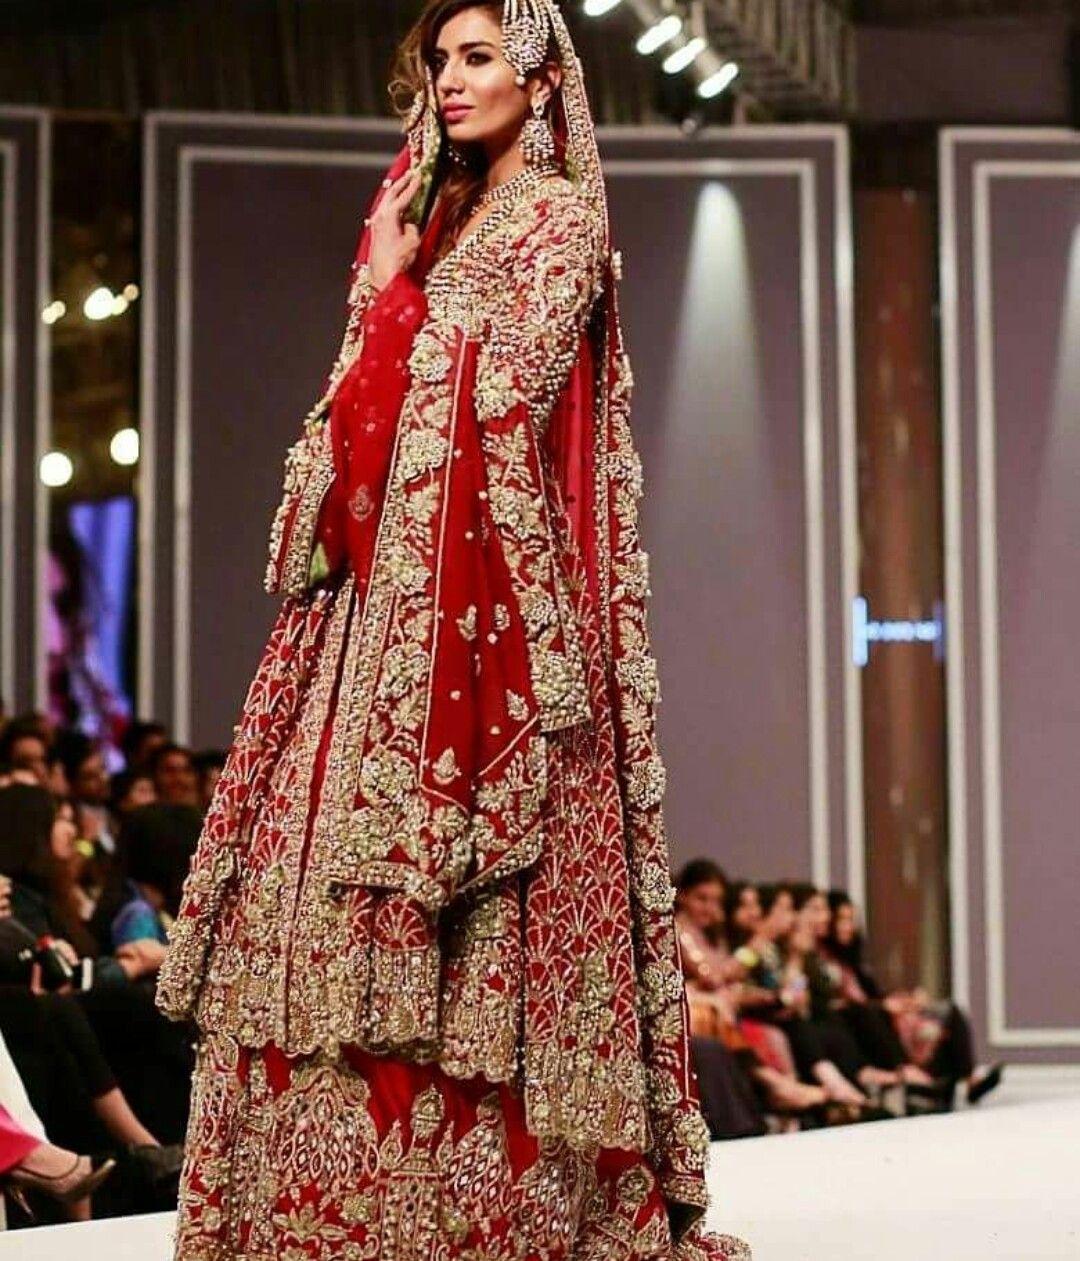 Pin by Maheen on Pakistani Fashion ♡